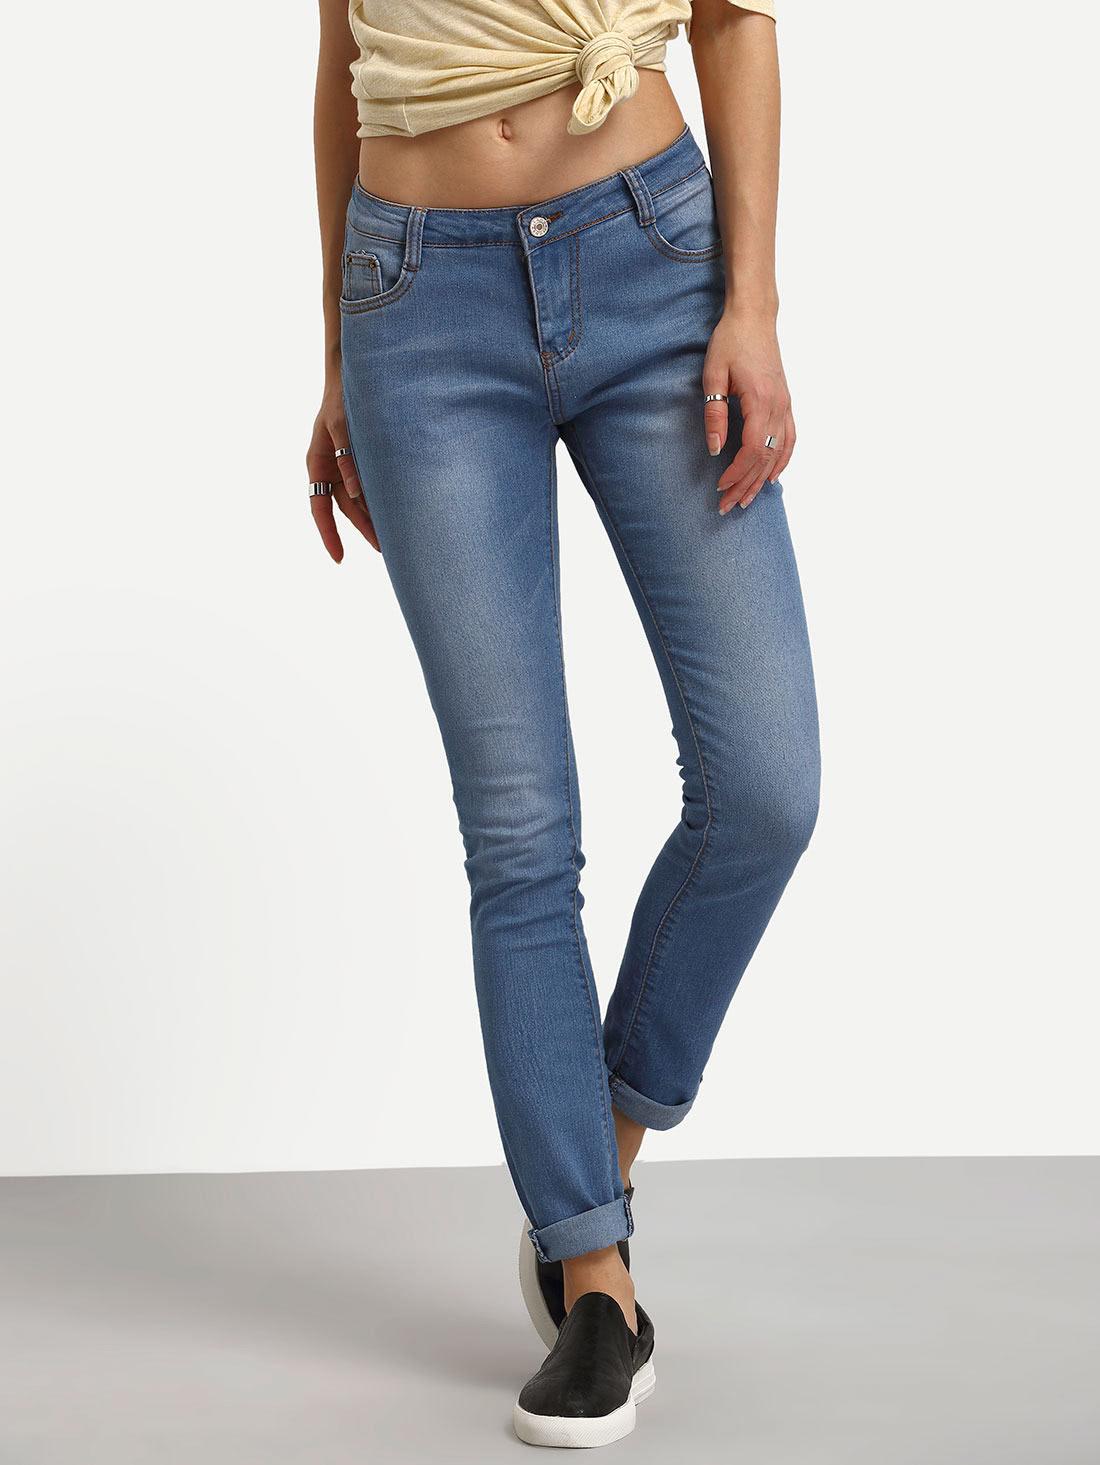 High Waist Rolled Hem Jeans solid rolled hem pants